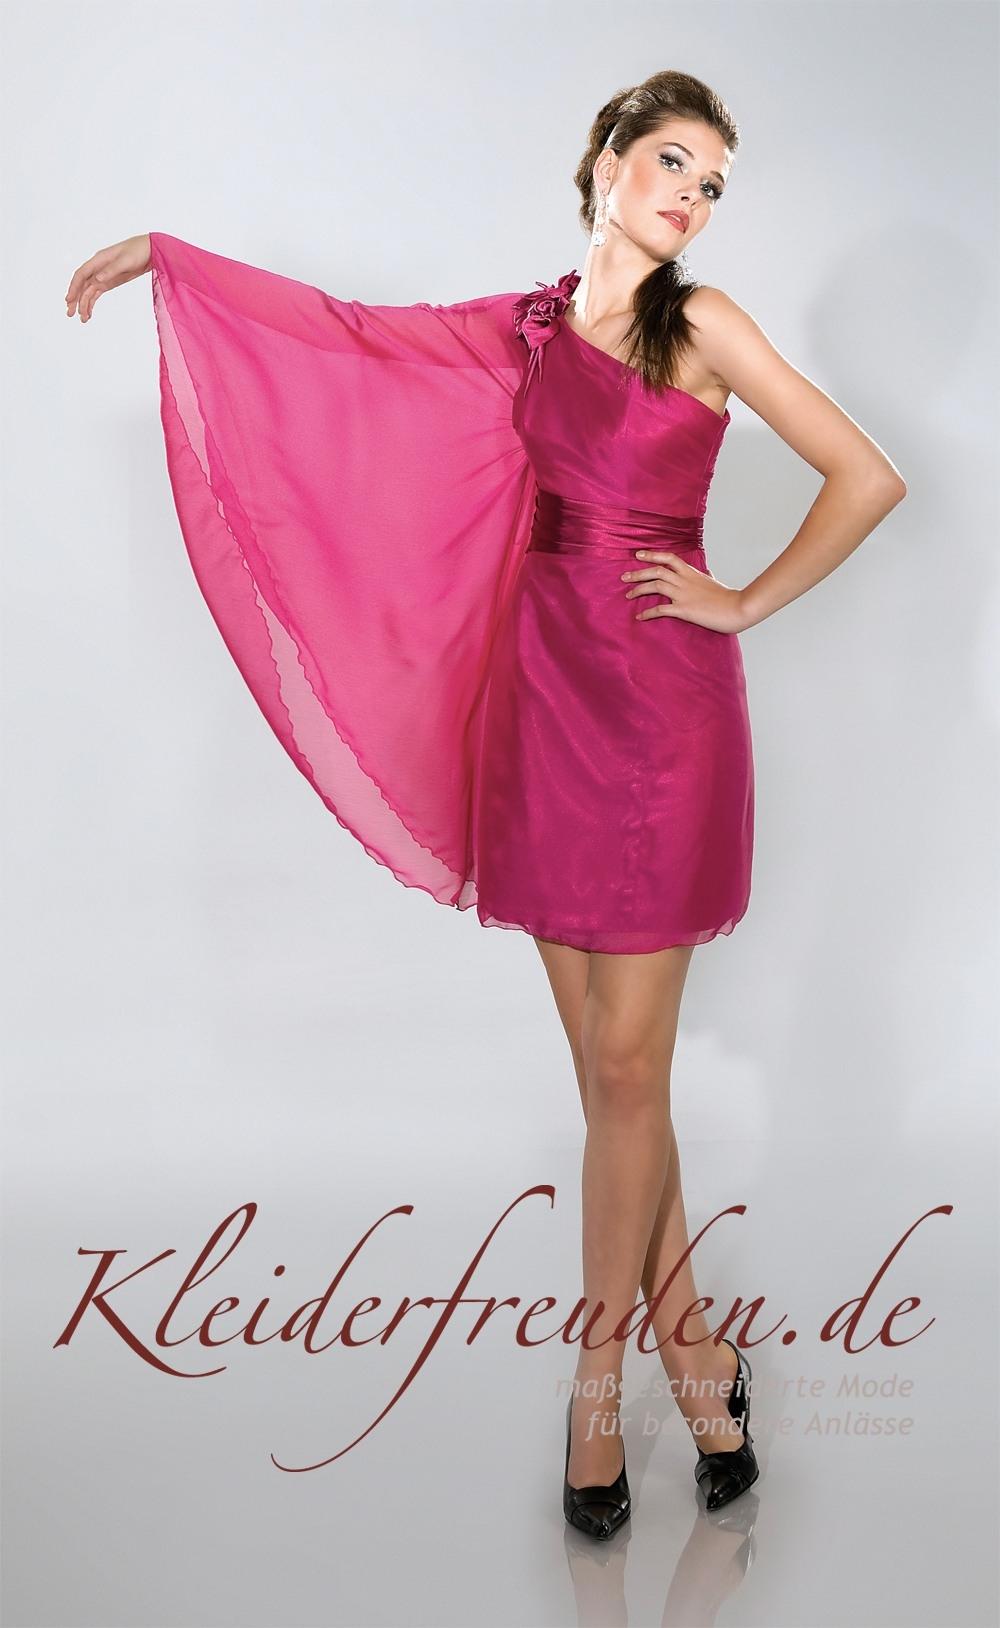 10 Perfekt Kurze Kleider Für Hochzeitsgäste Stylish Schön Kurze Kleider Für Hochzeitsgäste Stylish